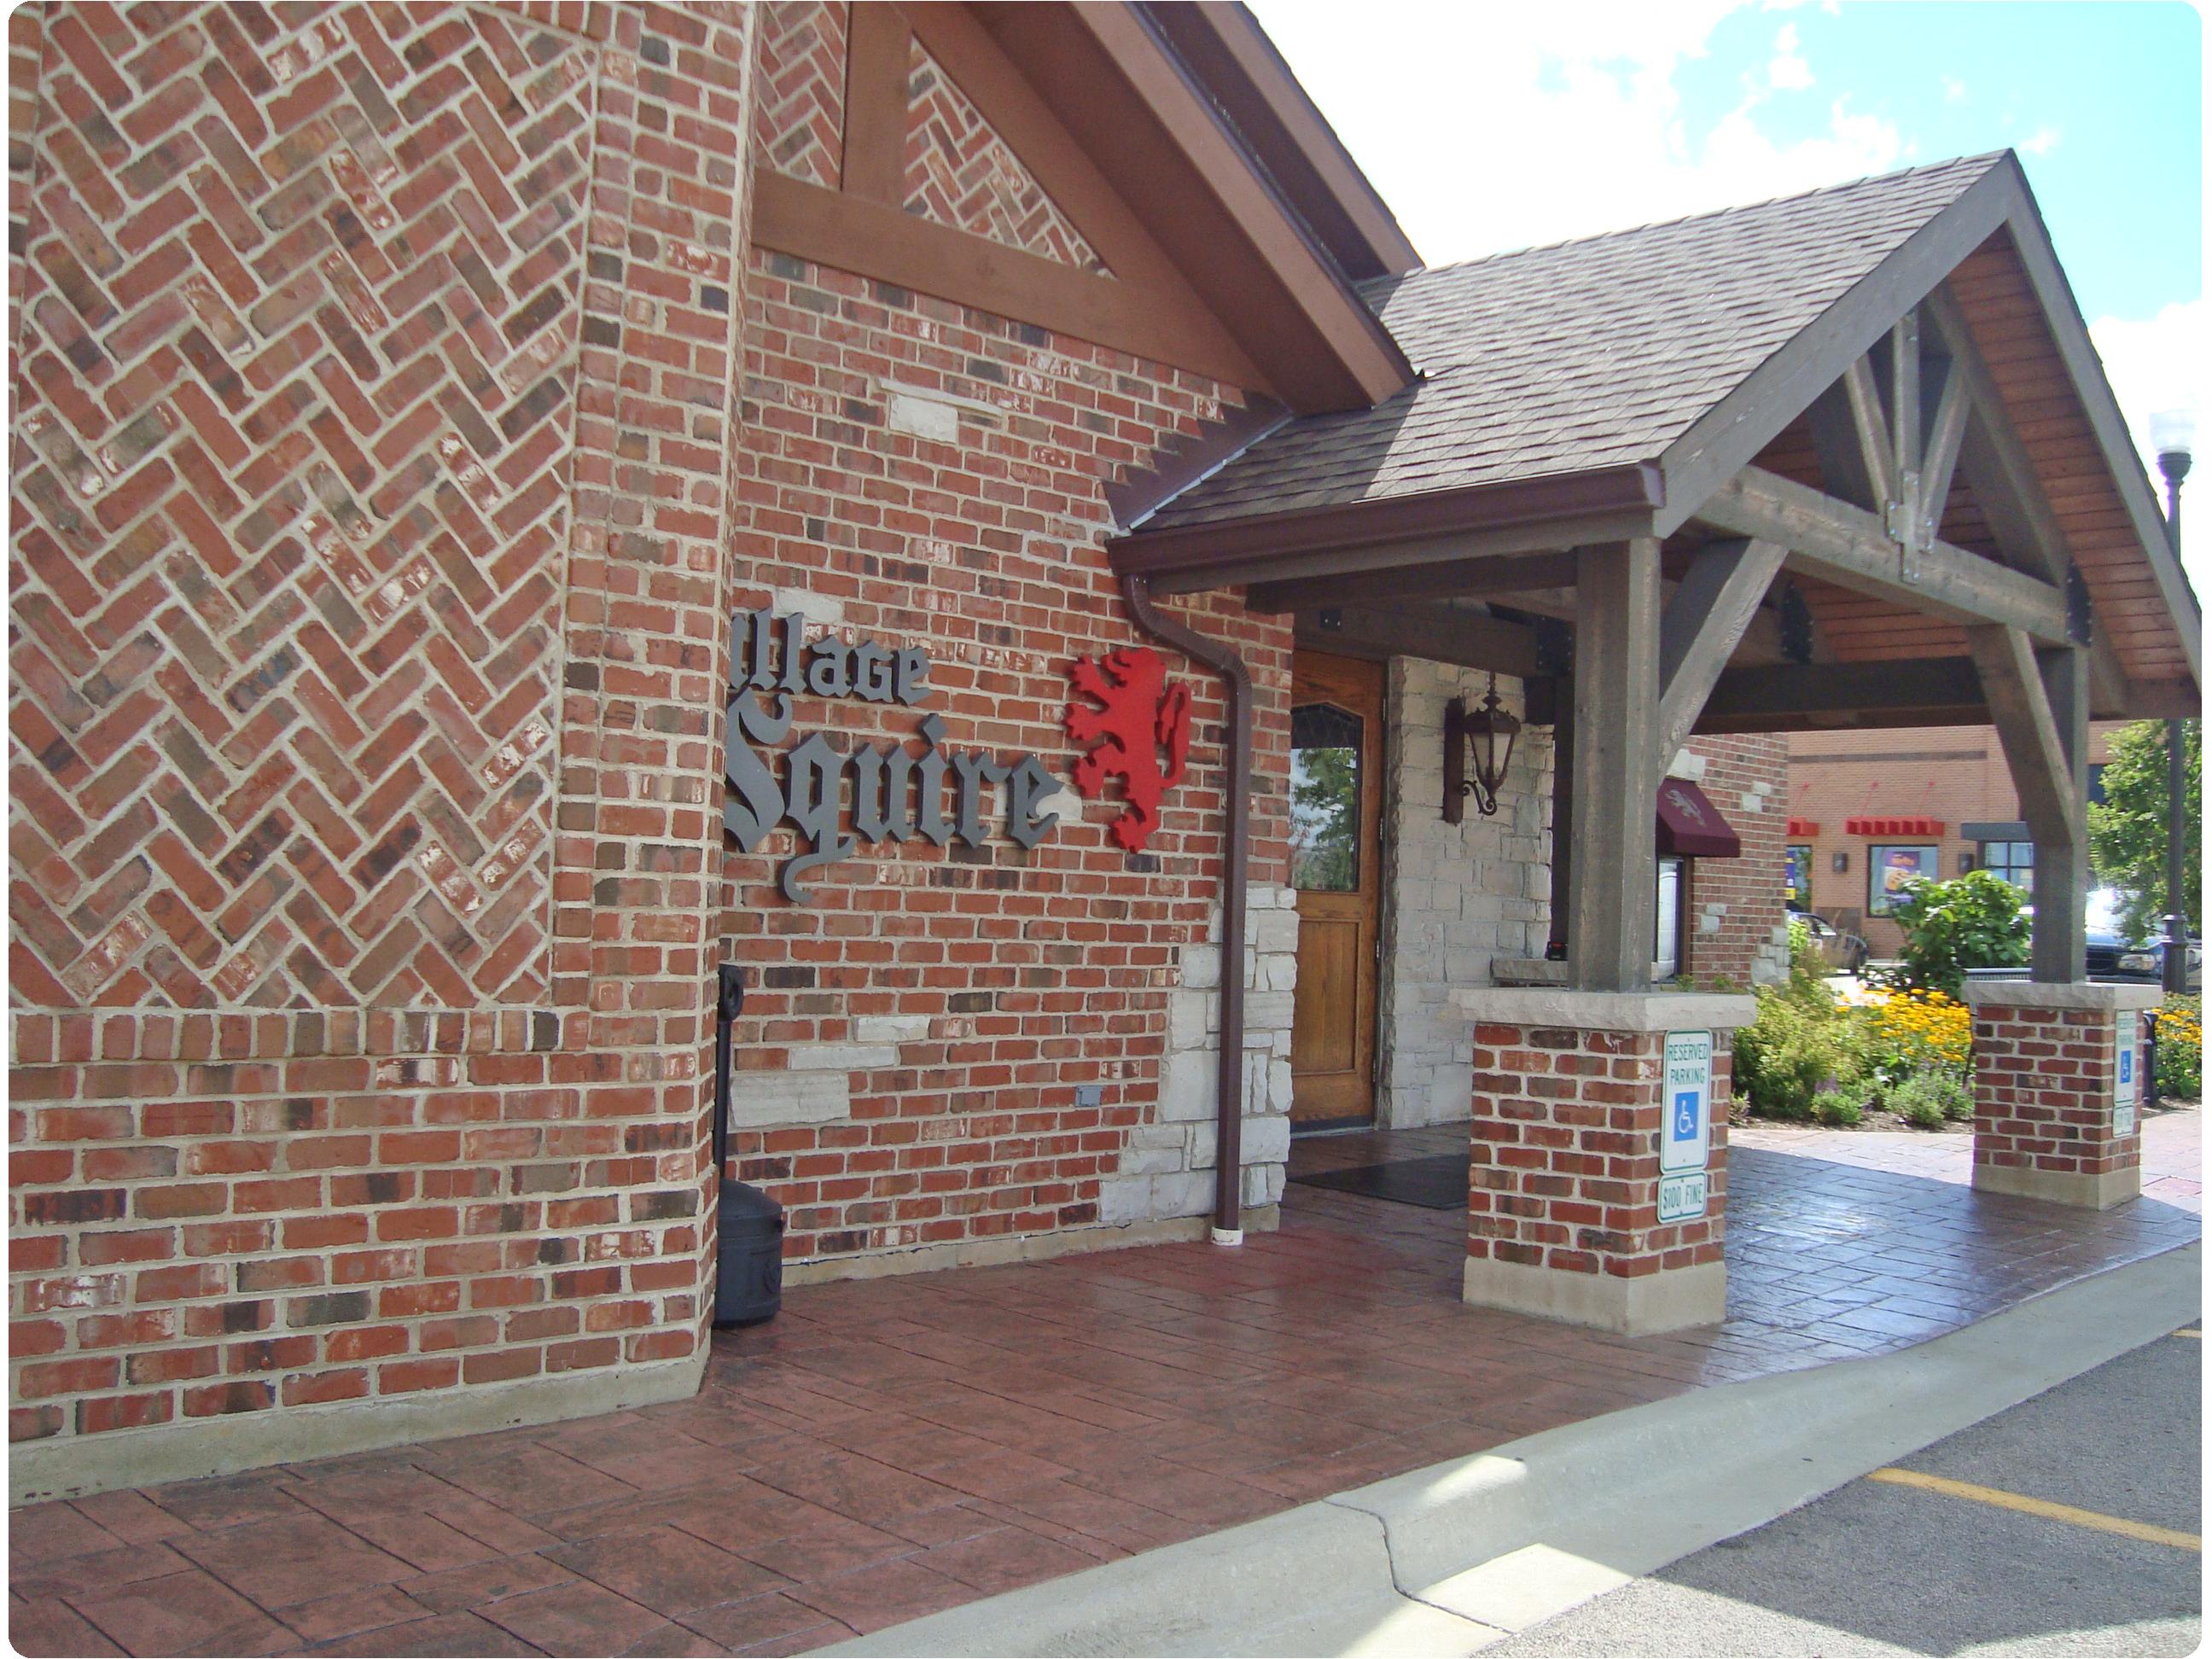 Village Squire Restaurant